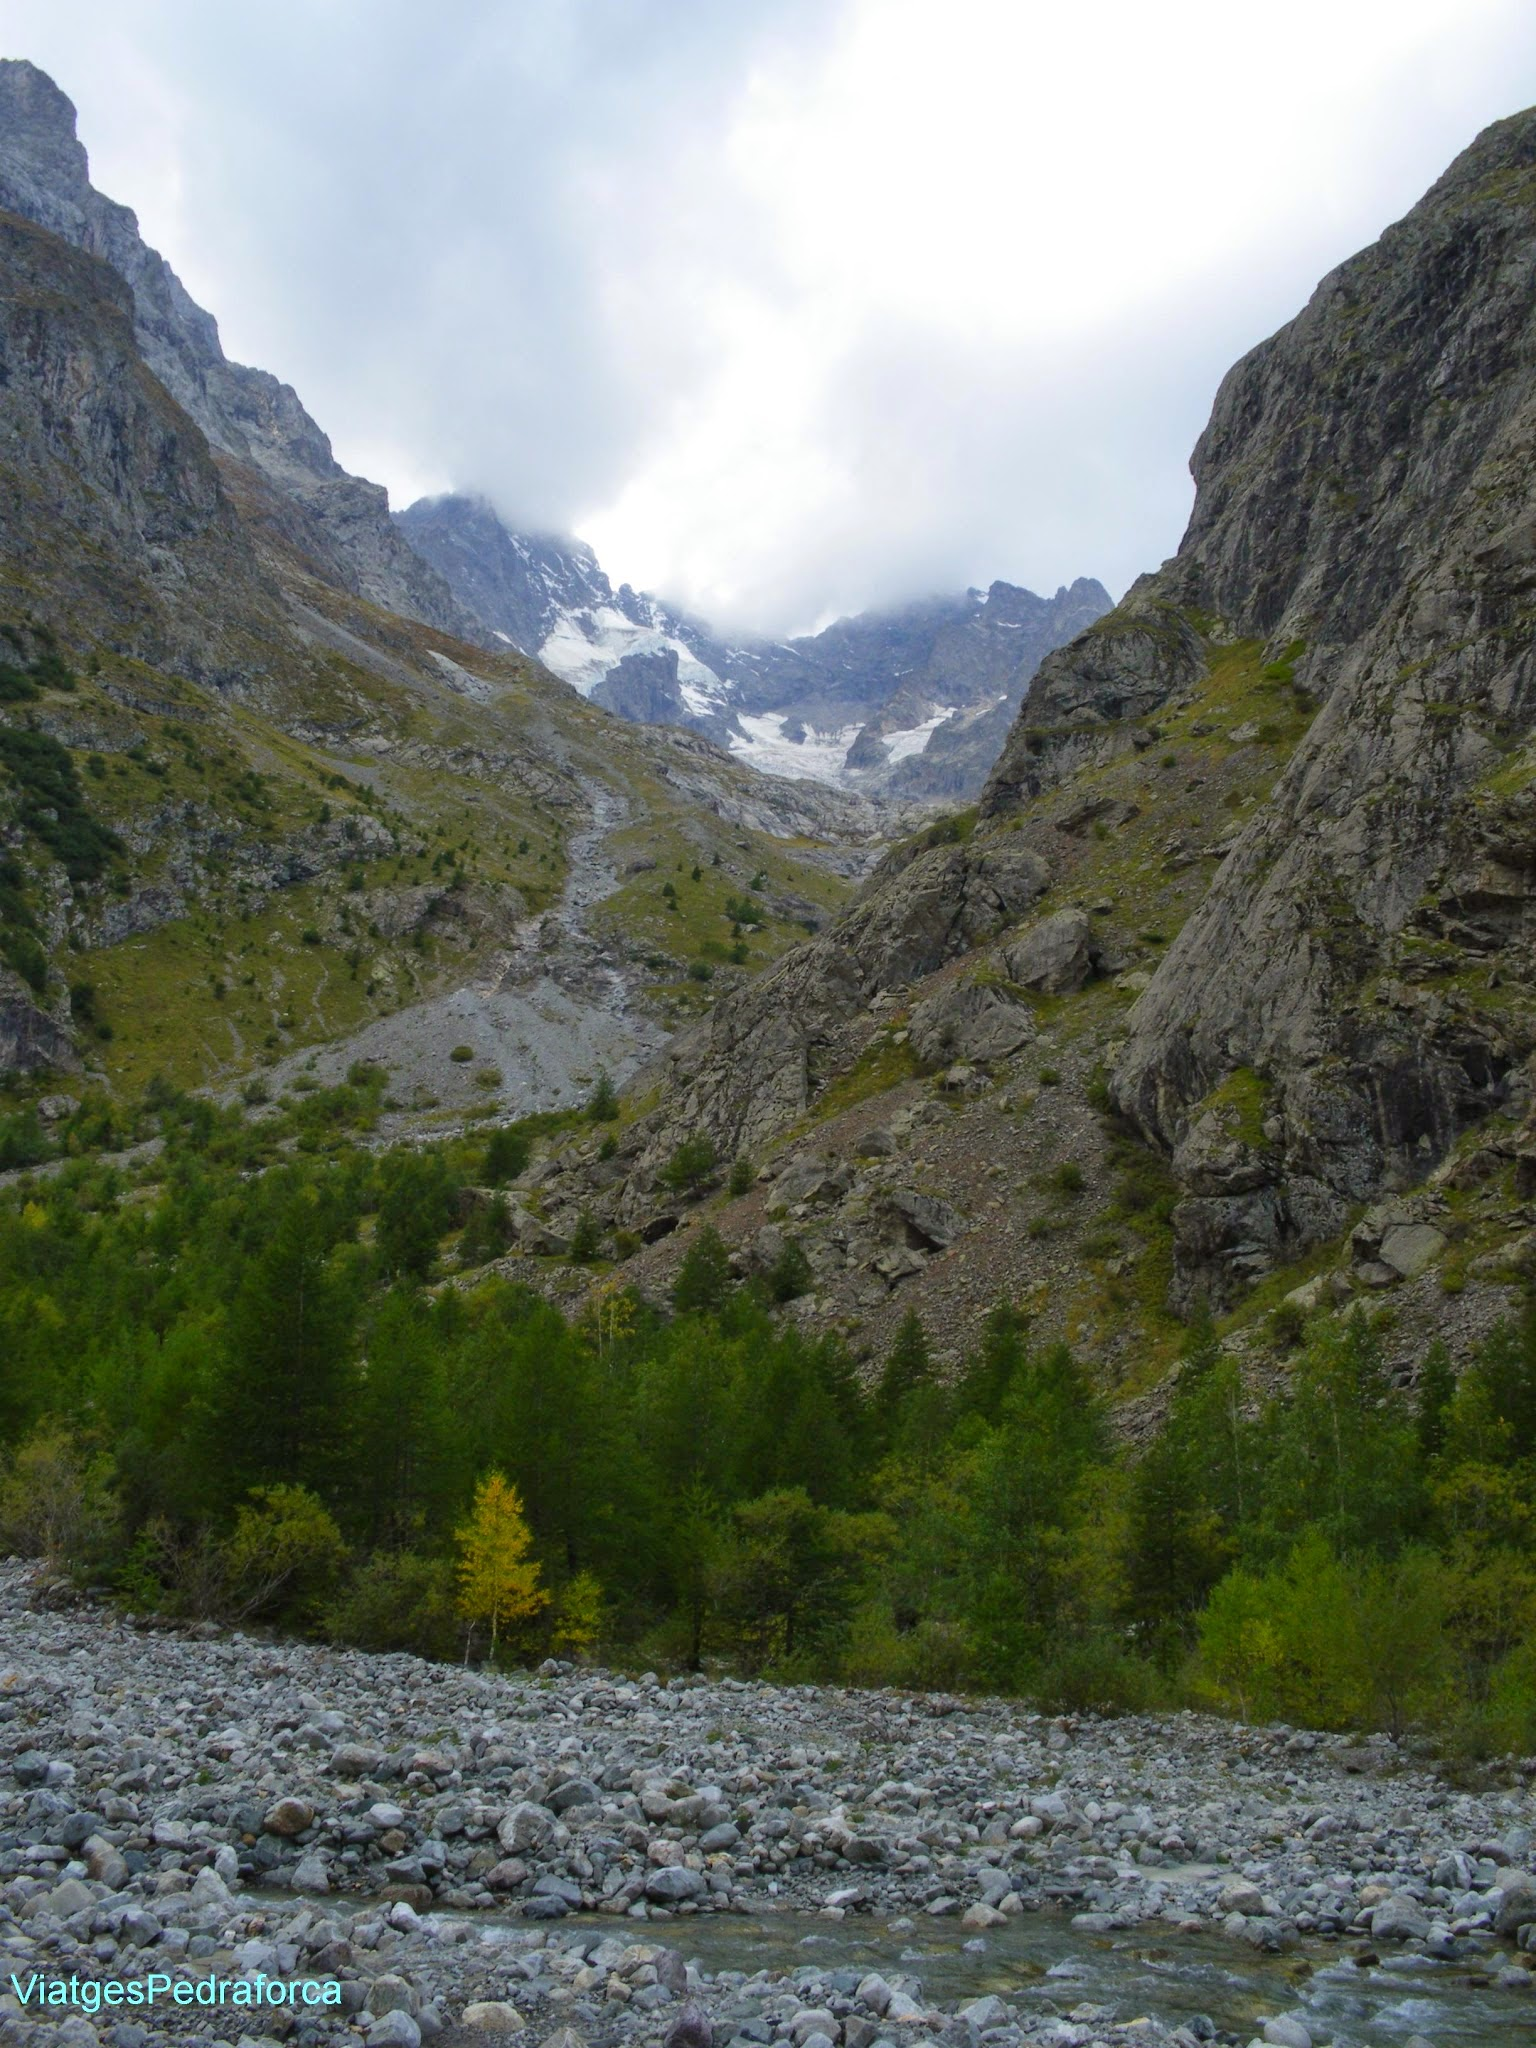 Haute Romanche, Hautes Alpes, Parc National des Ecrins, Alpe du Villar d'Arene, France